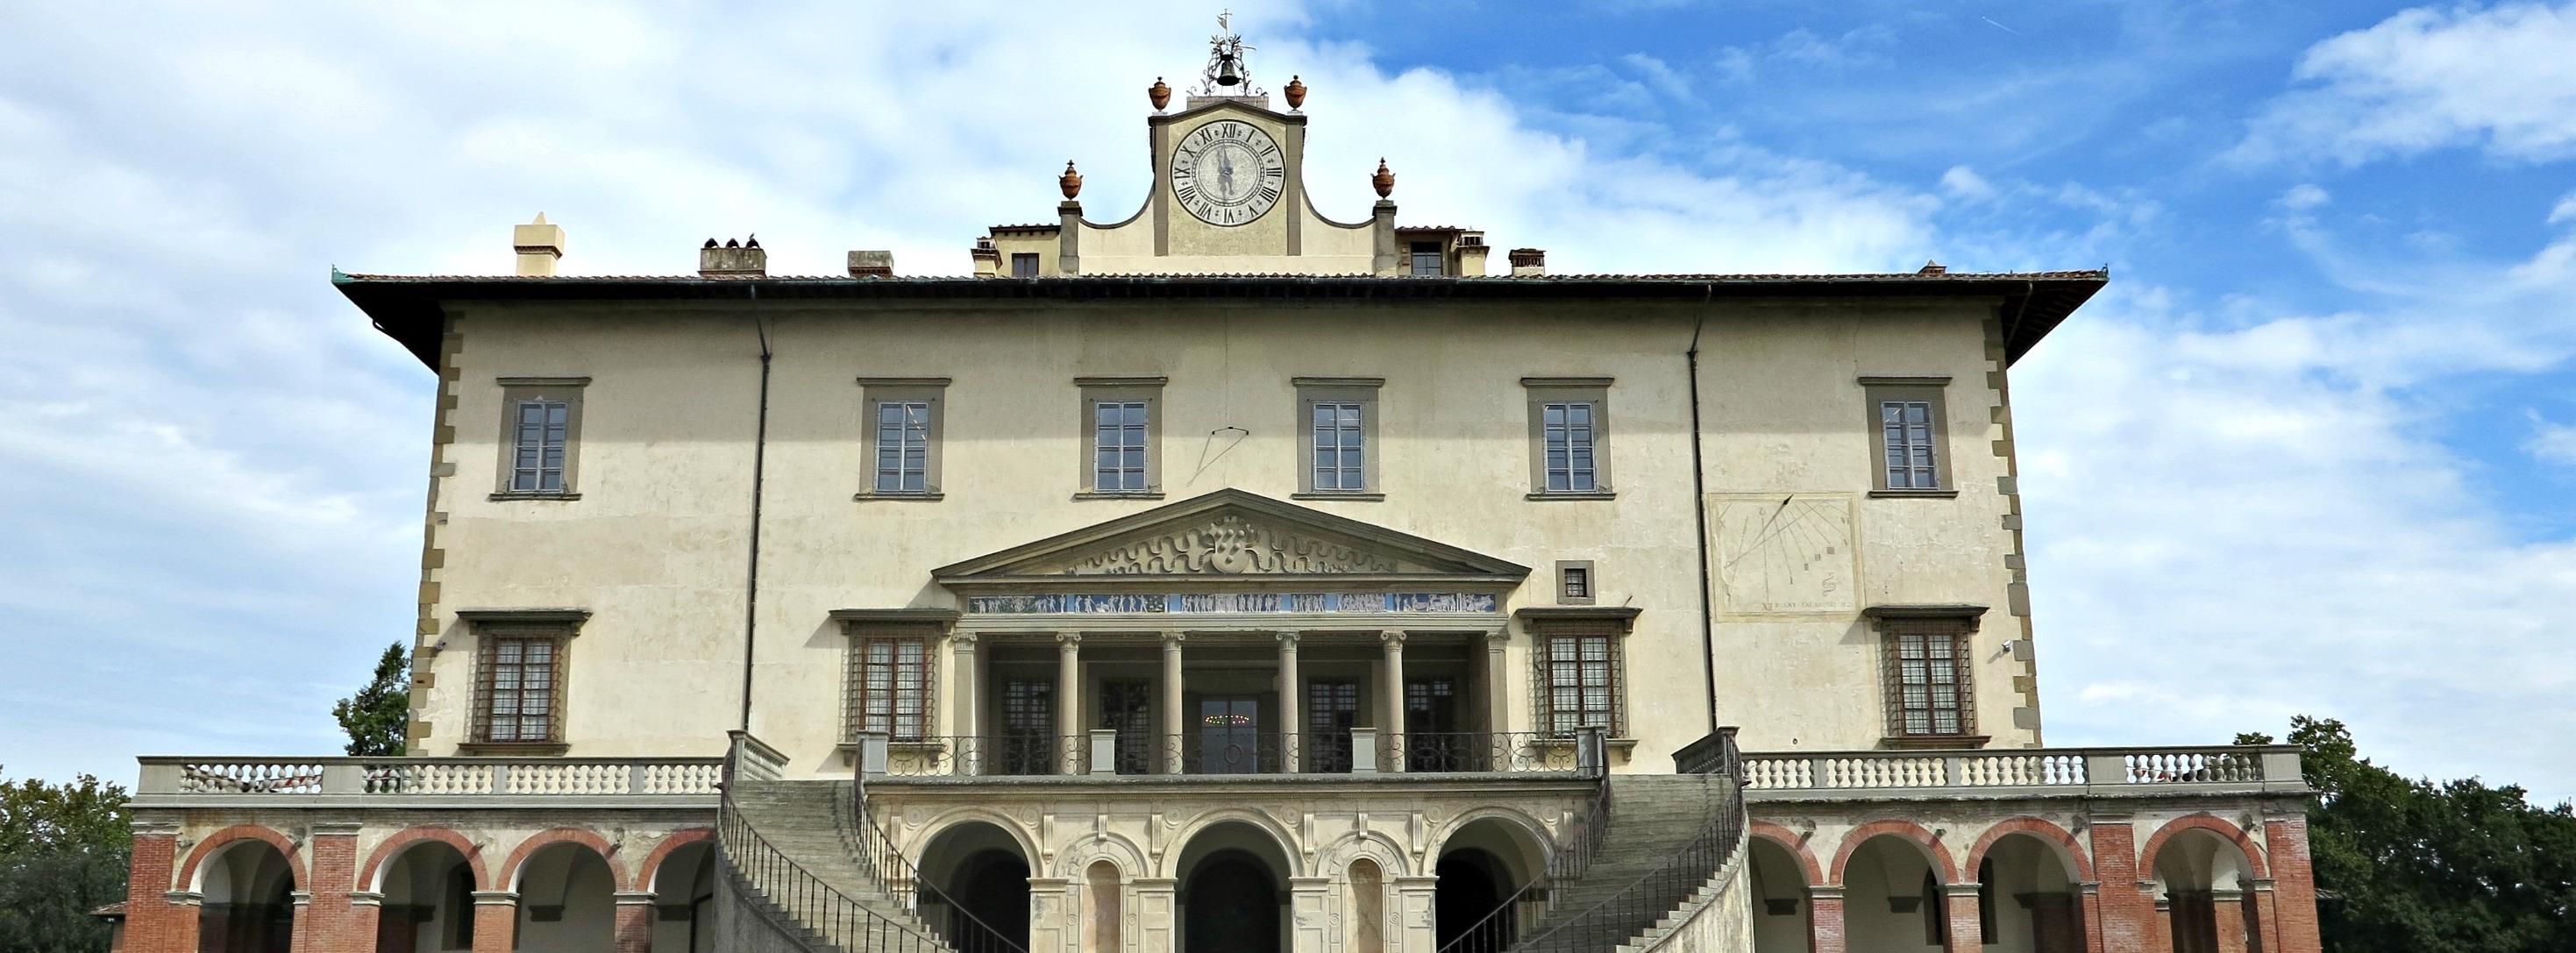 Villa_di_Poggio_a_Caiano1